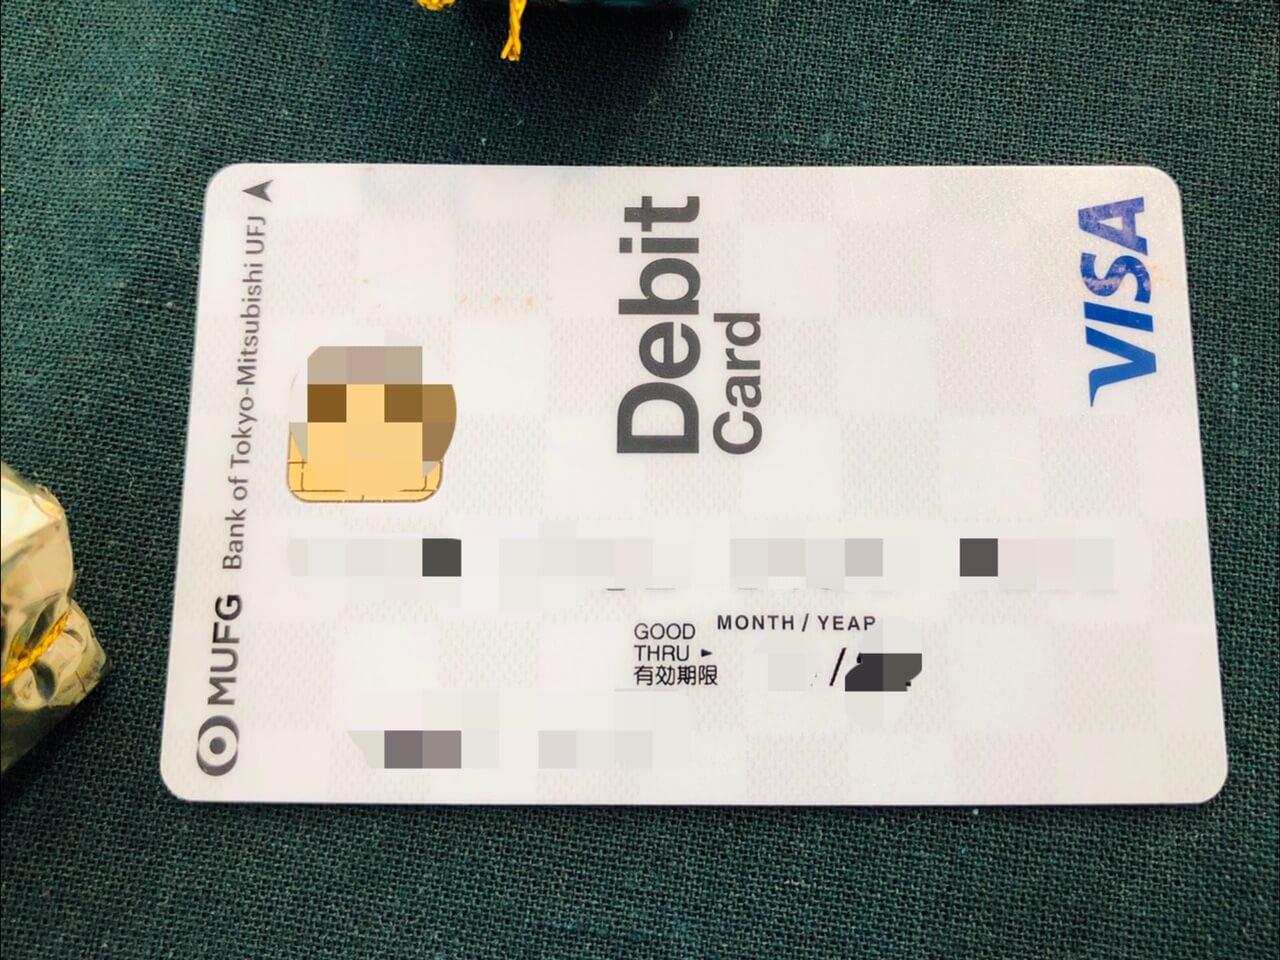 三菱UFJのデビットカード写真